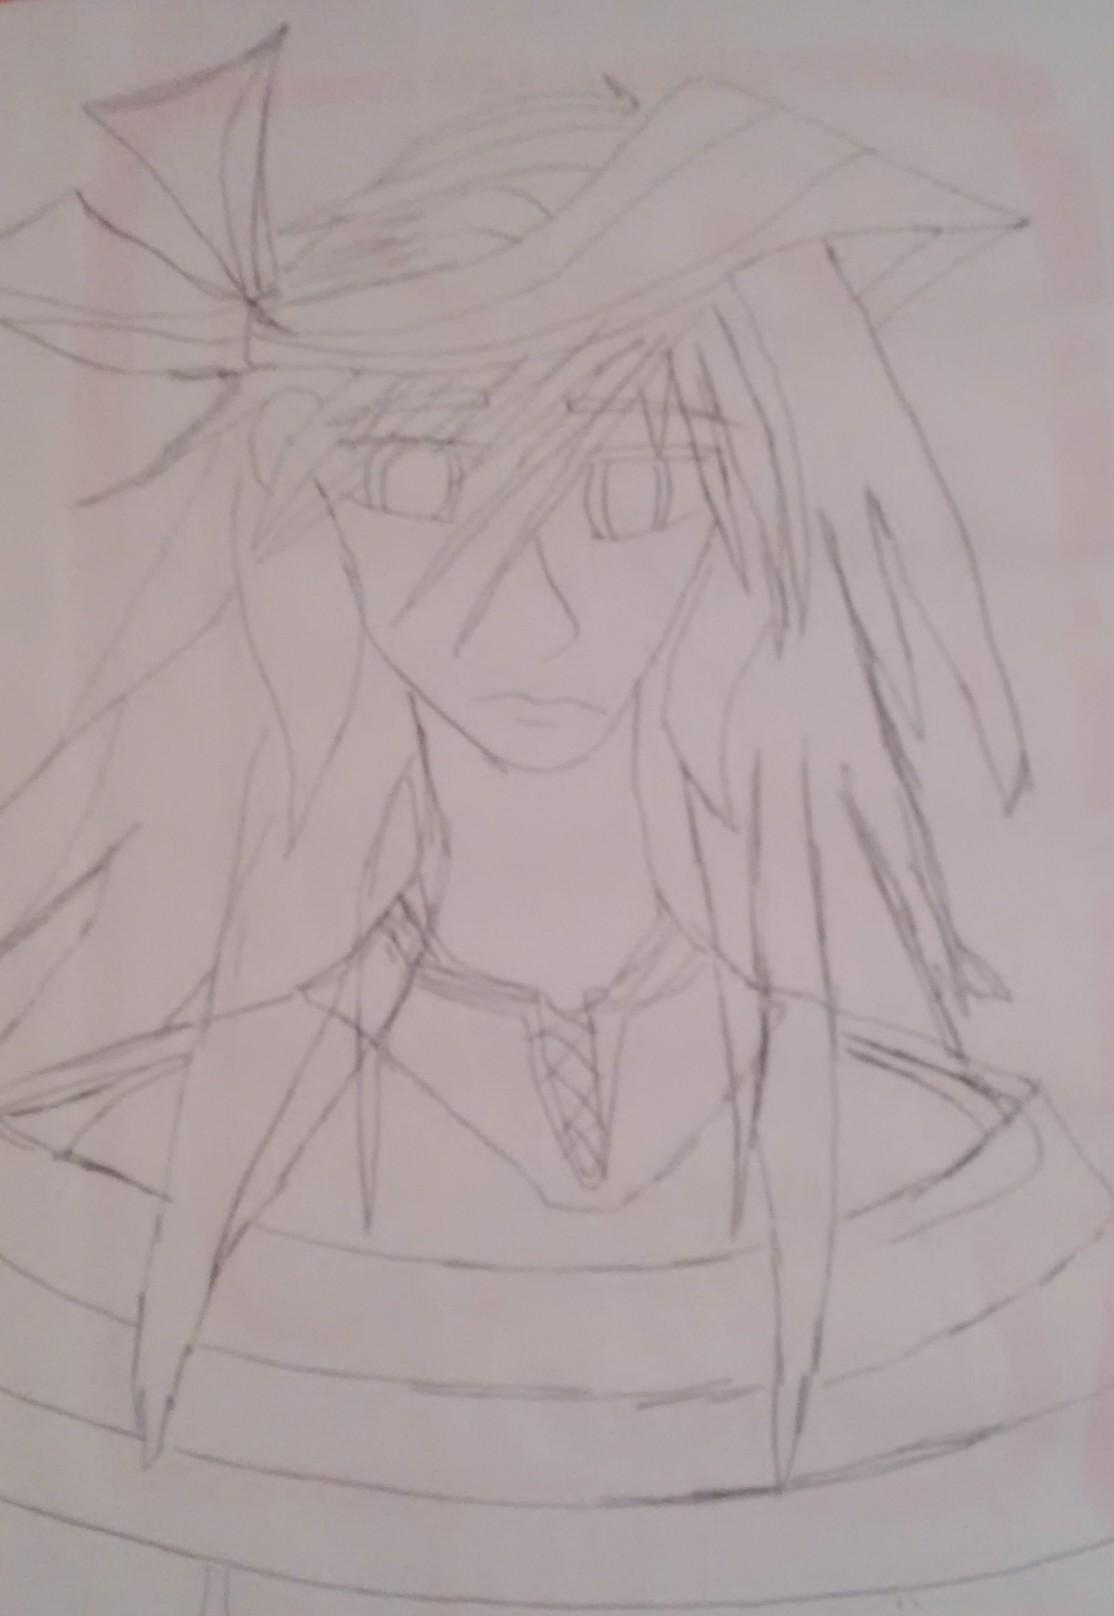 Portrait of Magician's Valkyria